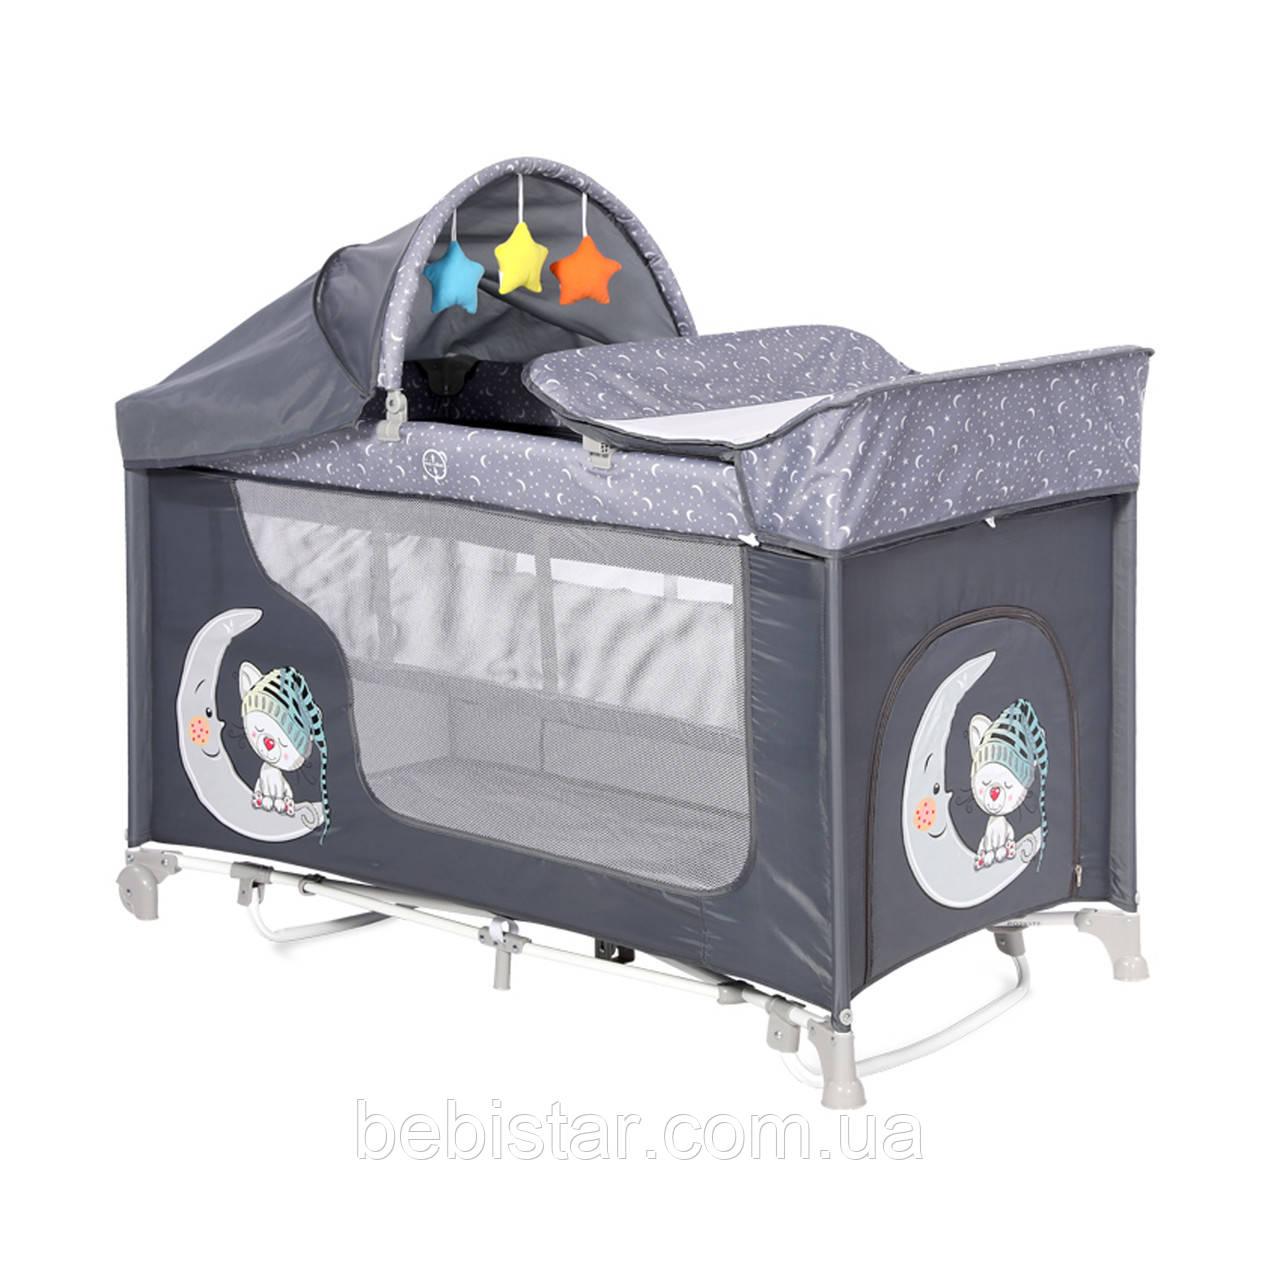 Манеж-кровать серый Moonlight Rocker 2 Layers Grey Cute Moon укачивание два уровня пеленатор игрушки